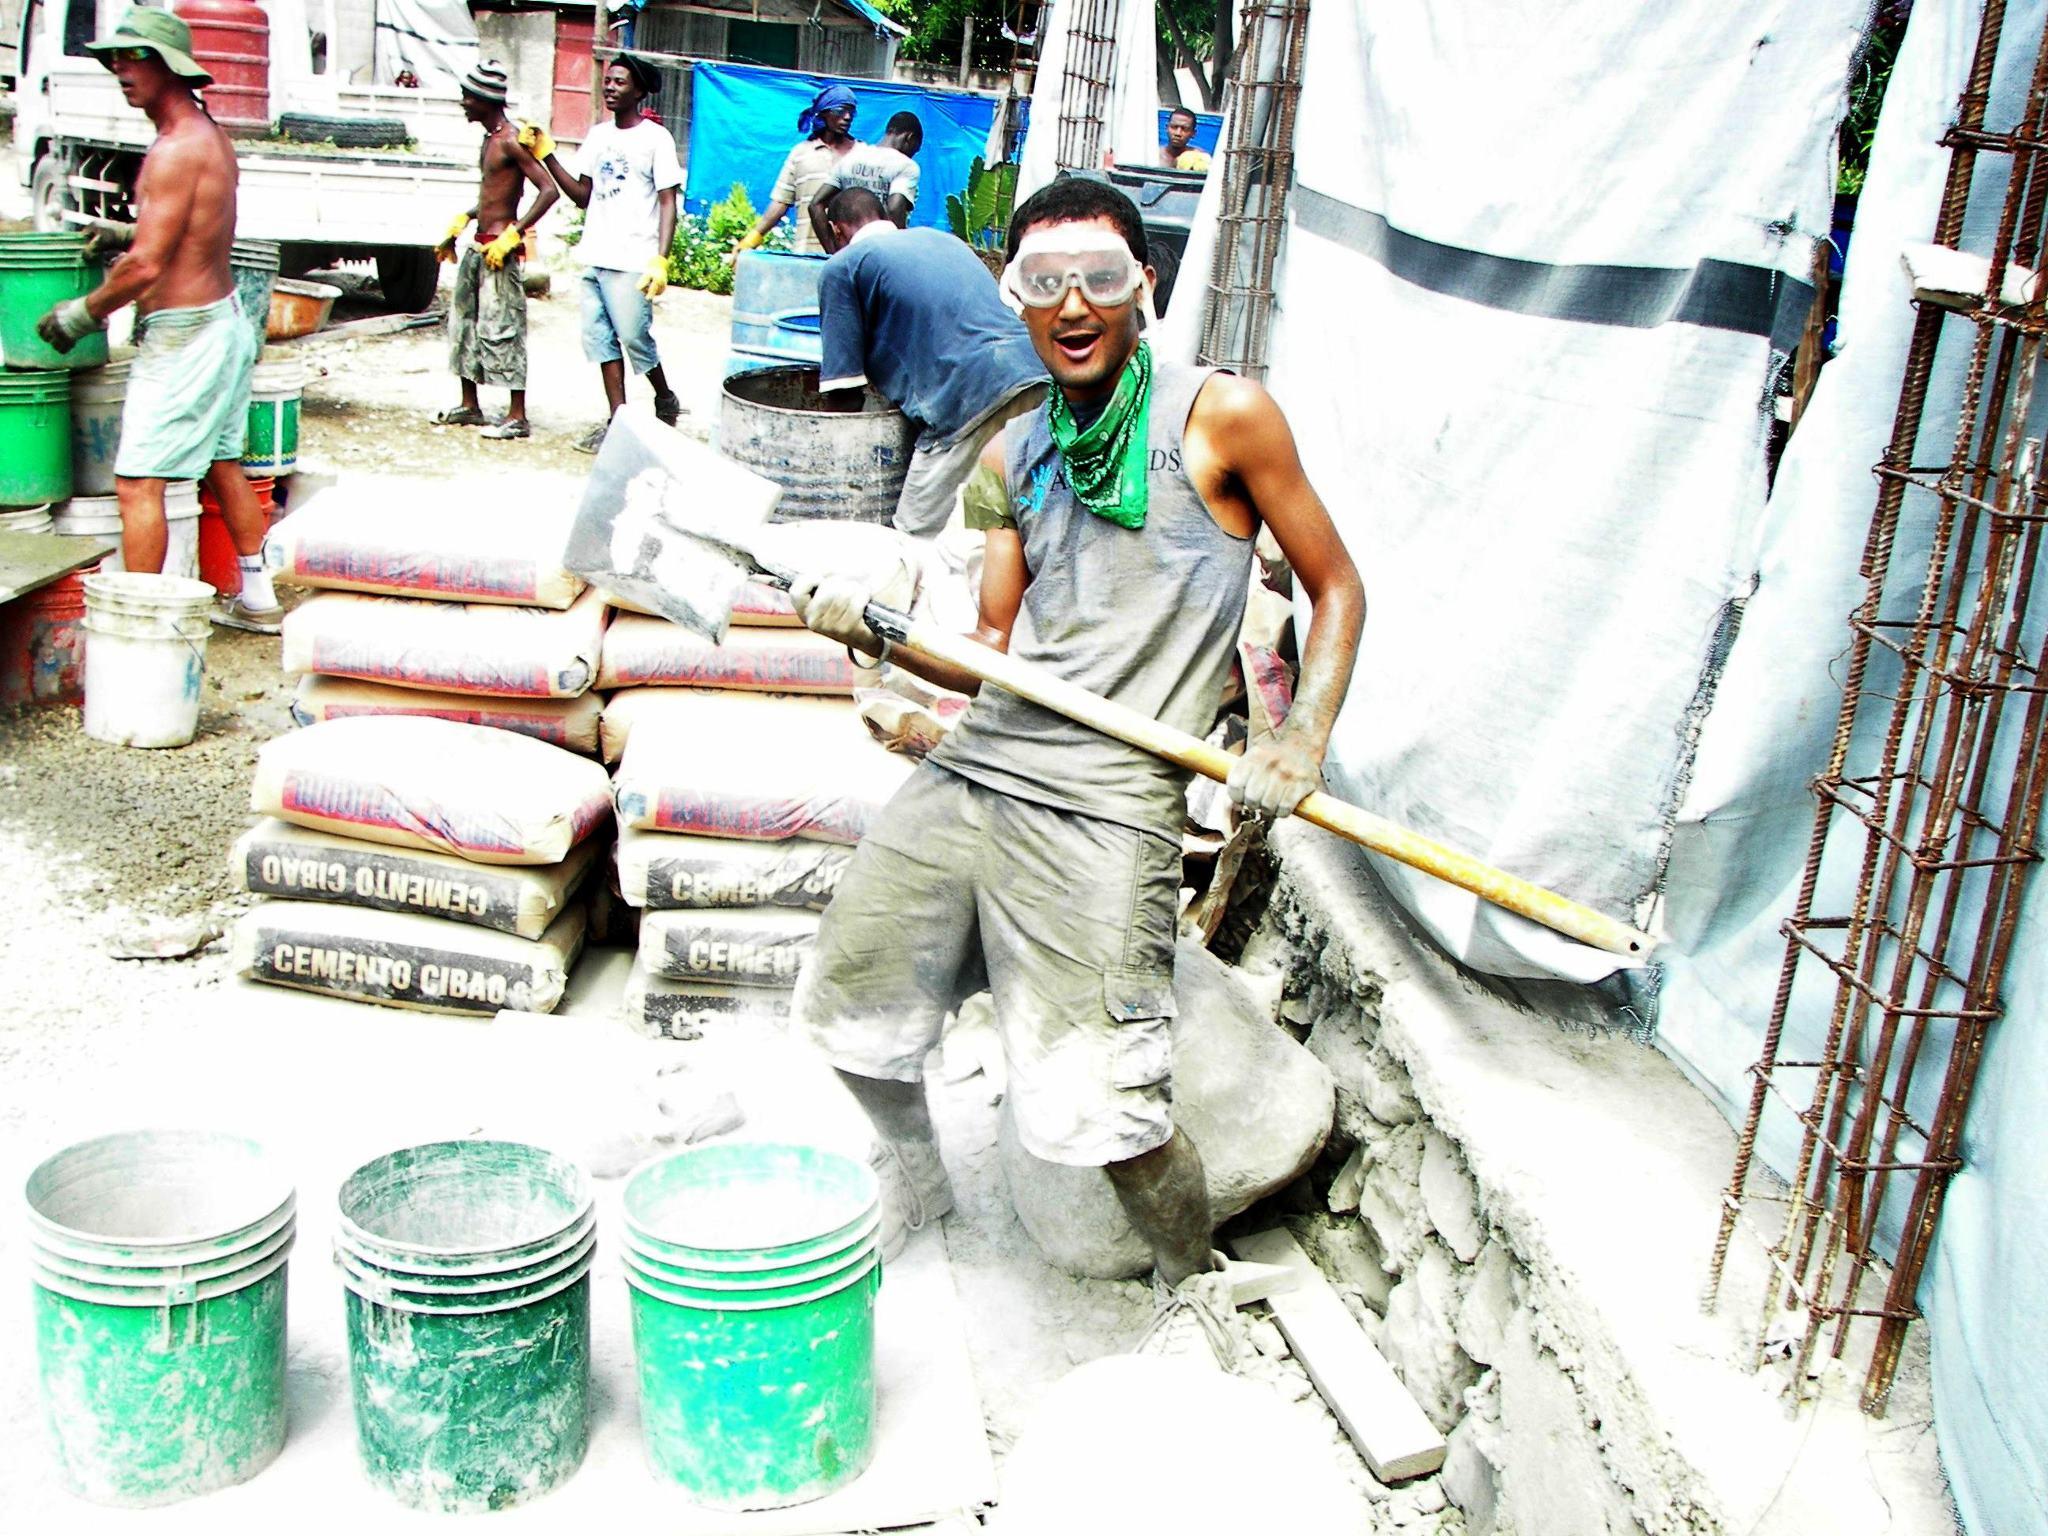 Construindo escolas no Haiti. Este é um projeto no qual trabalhei como voluntário por 7 meses neste ano em Leogane, no Haiti. Esta foi a cidade mais próxima do epicentro do terremoto de janeiro de 2010, na qual 90% da estrutura foi destruída. A ONG americana All Hands, na qual trabalhei, tem uma meta de construção de 20 escolas em Leogane,dentre outros projetos, sendo que hoje eles estão na nº 19. Durante o período em que lá estive, pude trabalhar e presenciar a construção e entrega de 8 escolas às comunidades afetadas. Esta foto foi tirada durante a fundação da escola 14. Foi um dia ensolarado e cansativo, mas divertido para todos os voluntários locais e internacionais envolvidos na construção. Ah, esse cimento ficou grudado na minha pele durante uns 3 dias... e não havia banho de balde que tirasse, hehe!